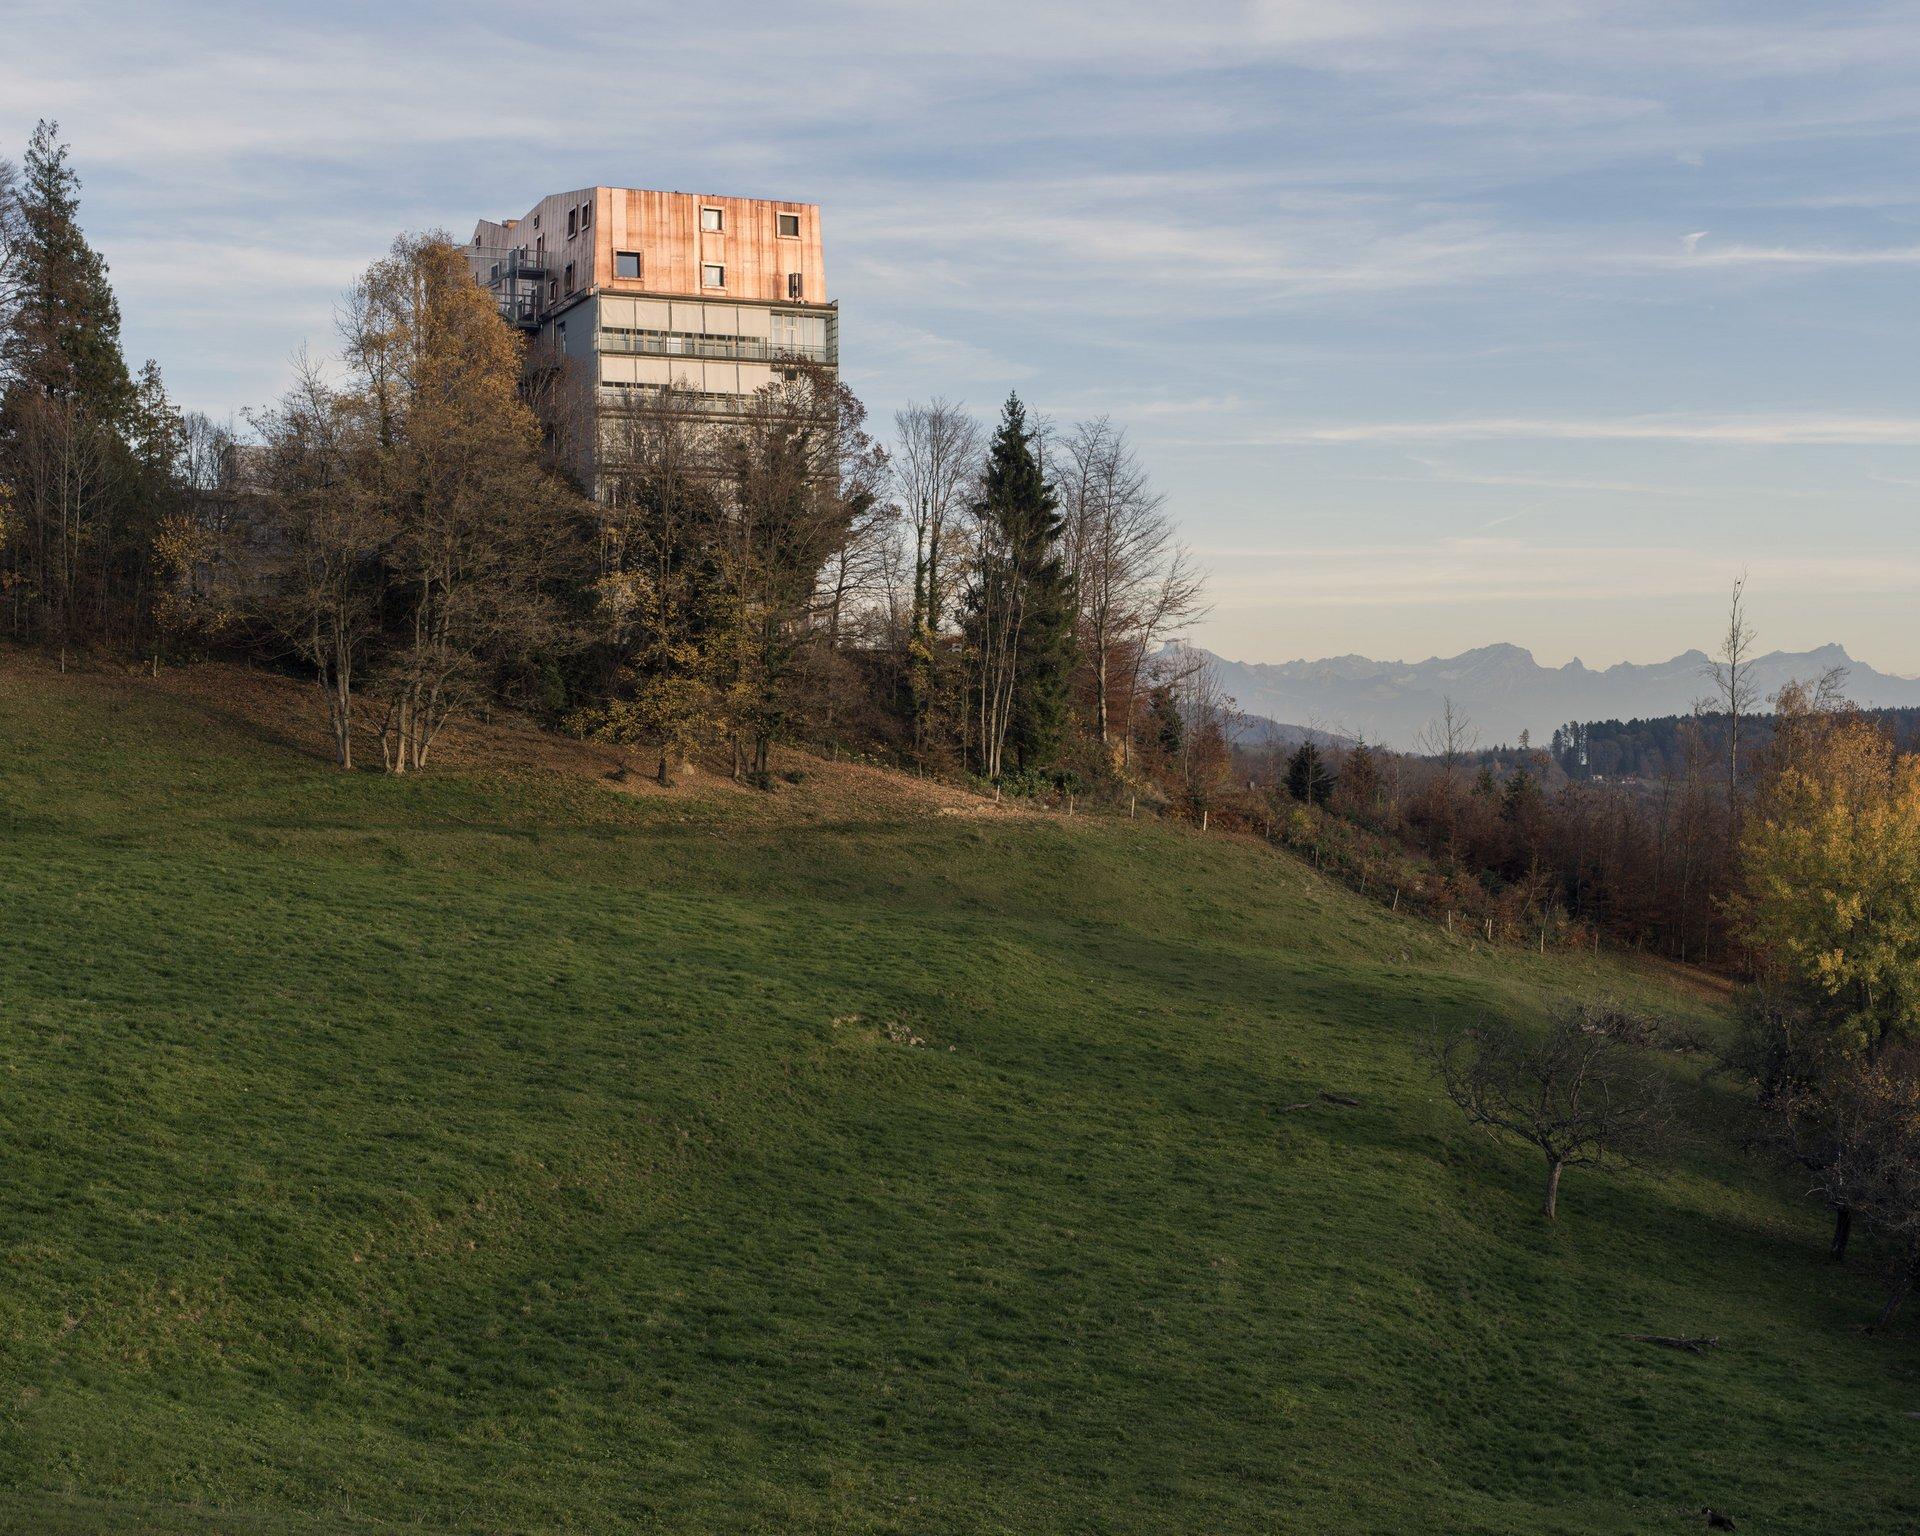 Vue latérale du bâtiment surélevé